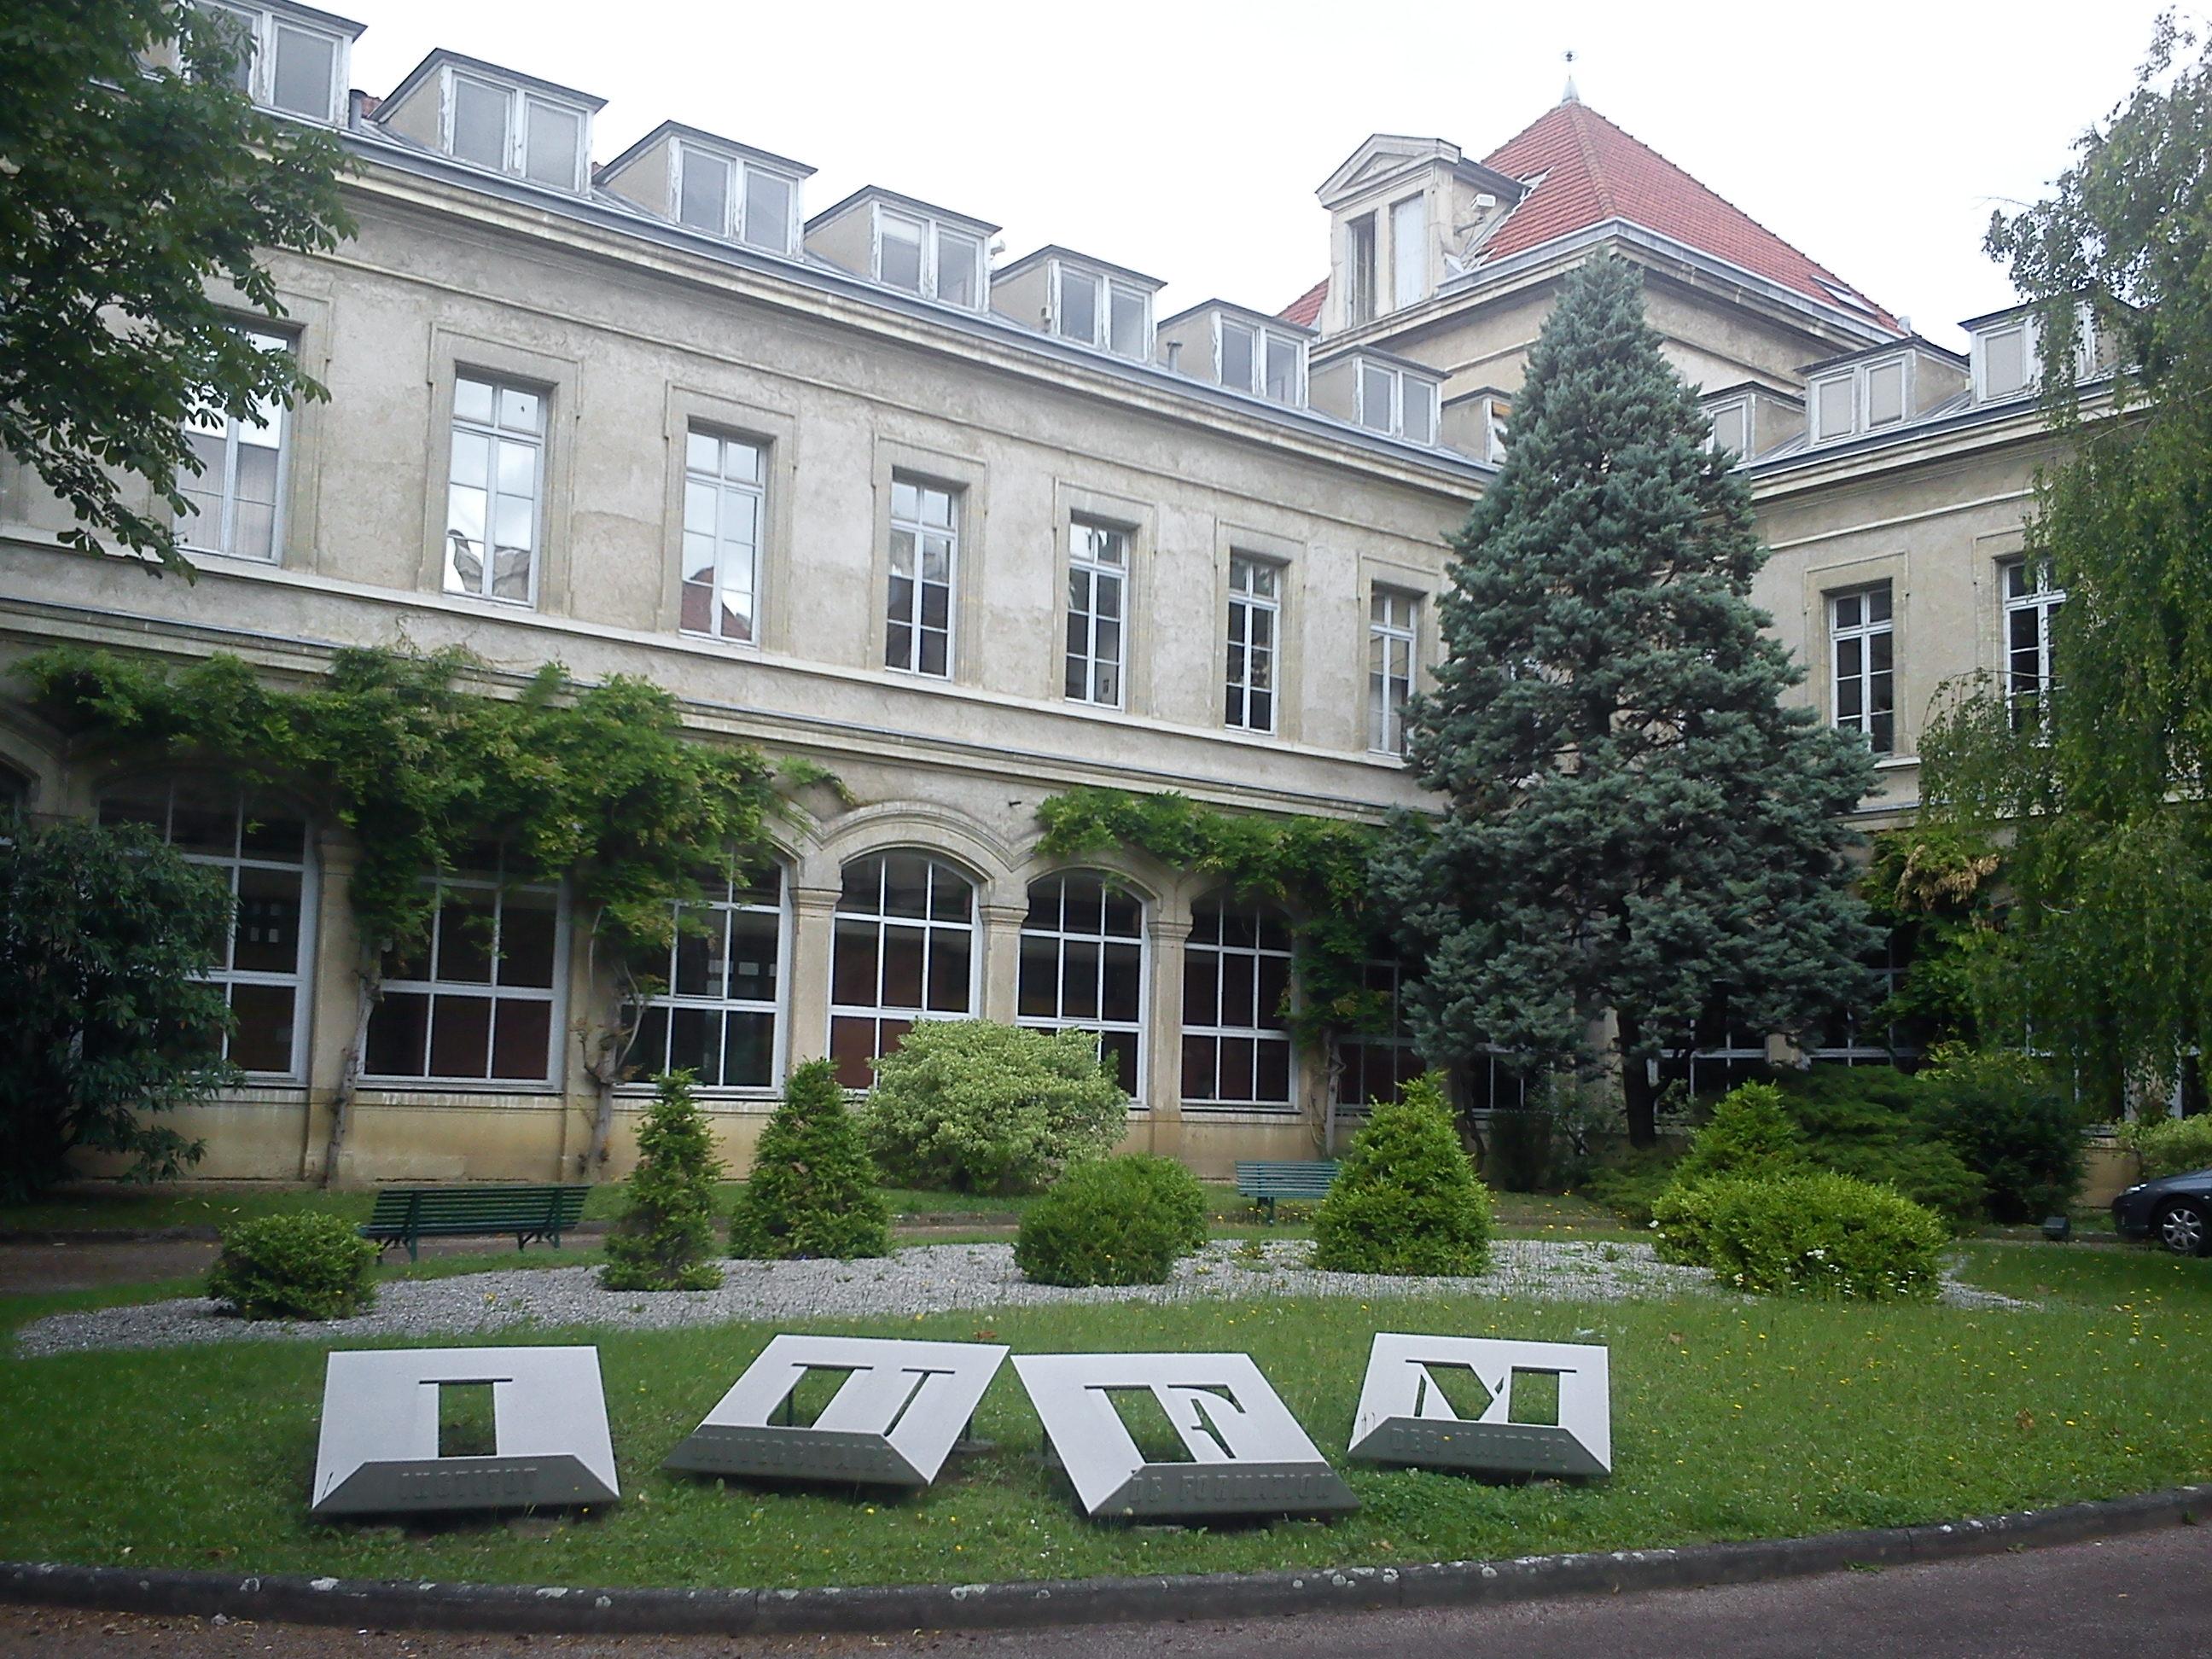 افضل جامعات علم الأحياء والكيمياء الحيوية في فرنسا - جامعة ليون 1